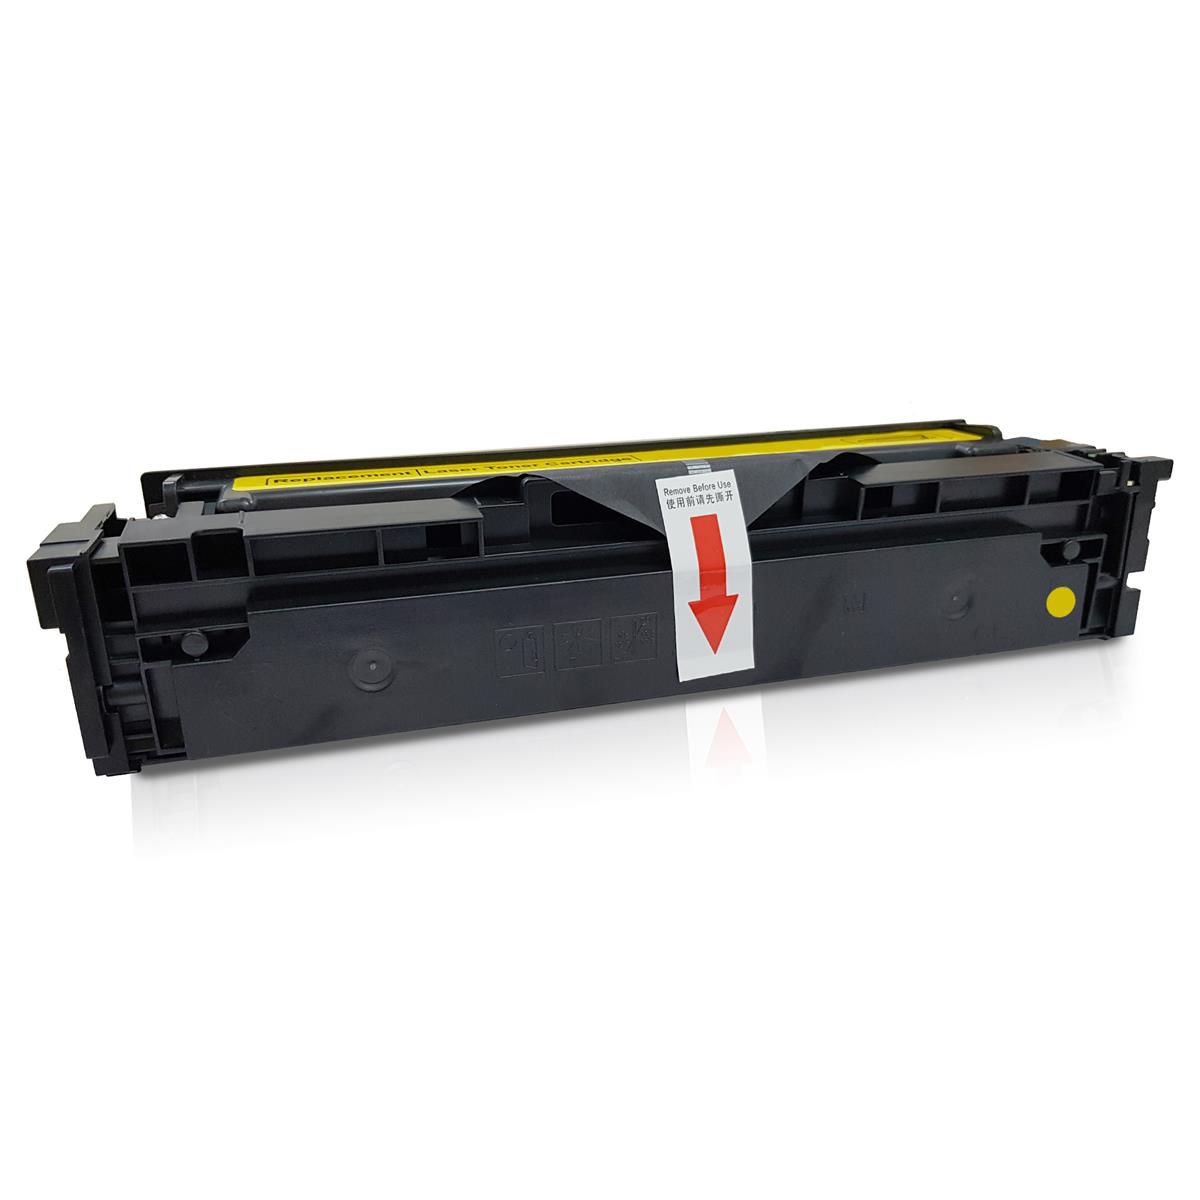 Toner compatível com HP CF503 Yellow - M254/281 - 1.300 Páginas - Cartucho & Cia